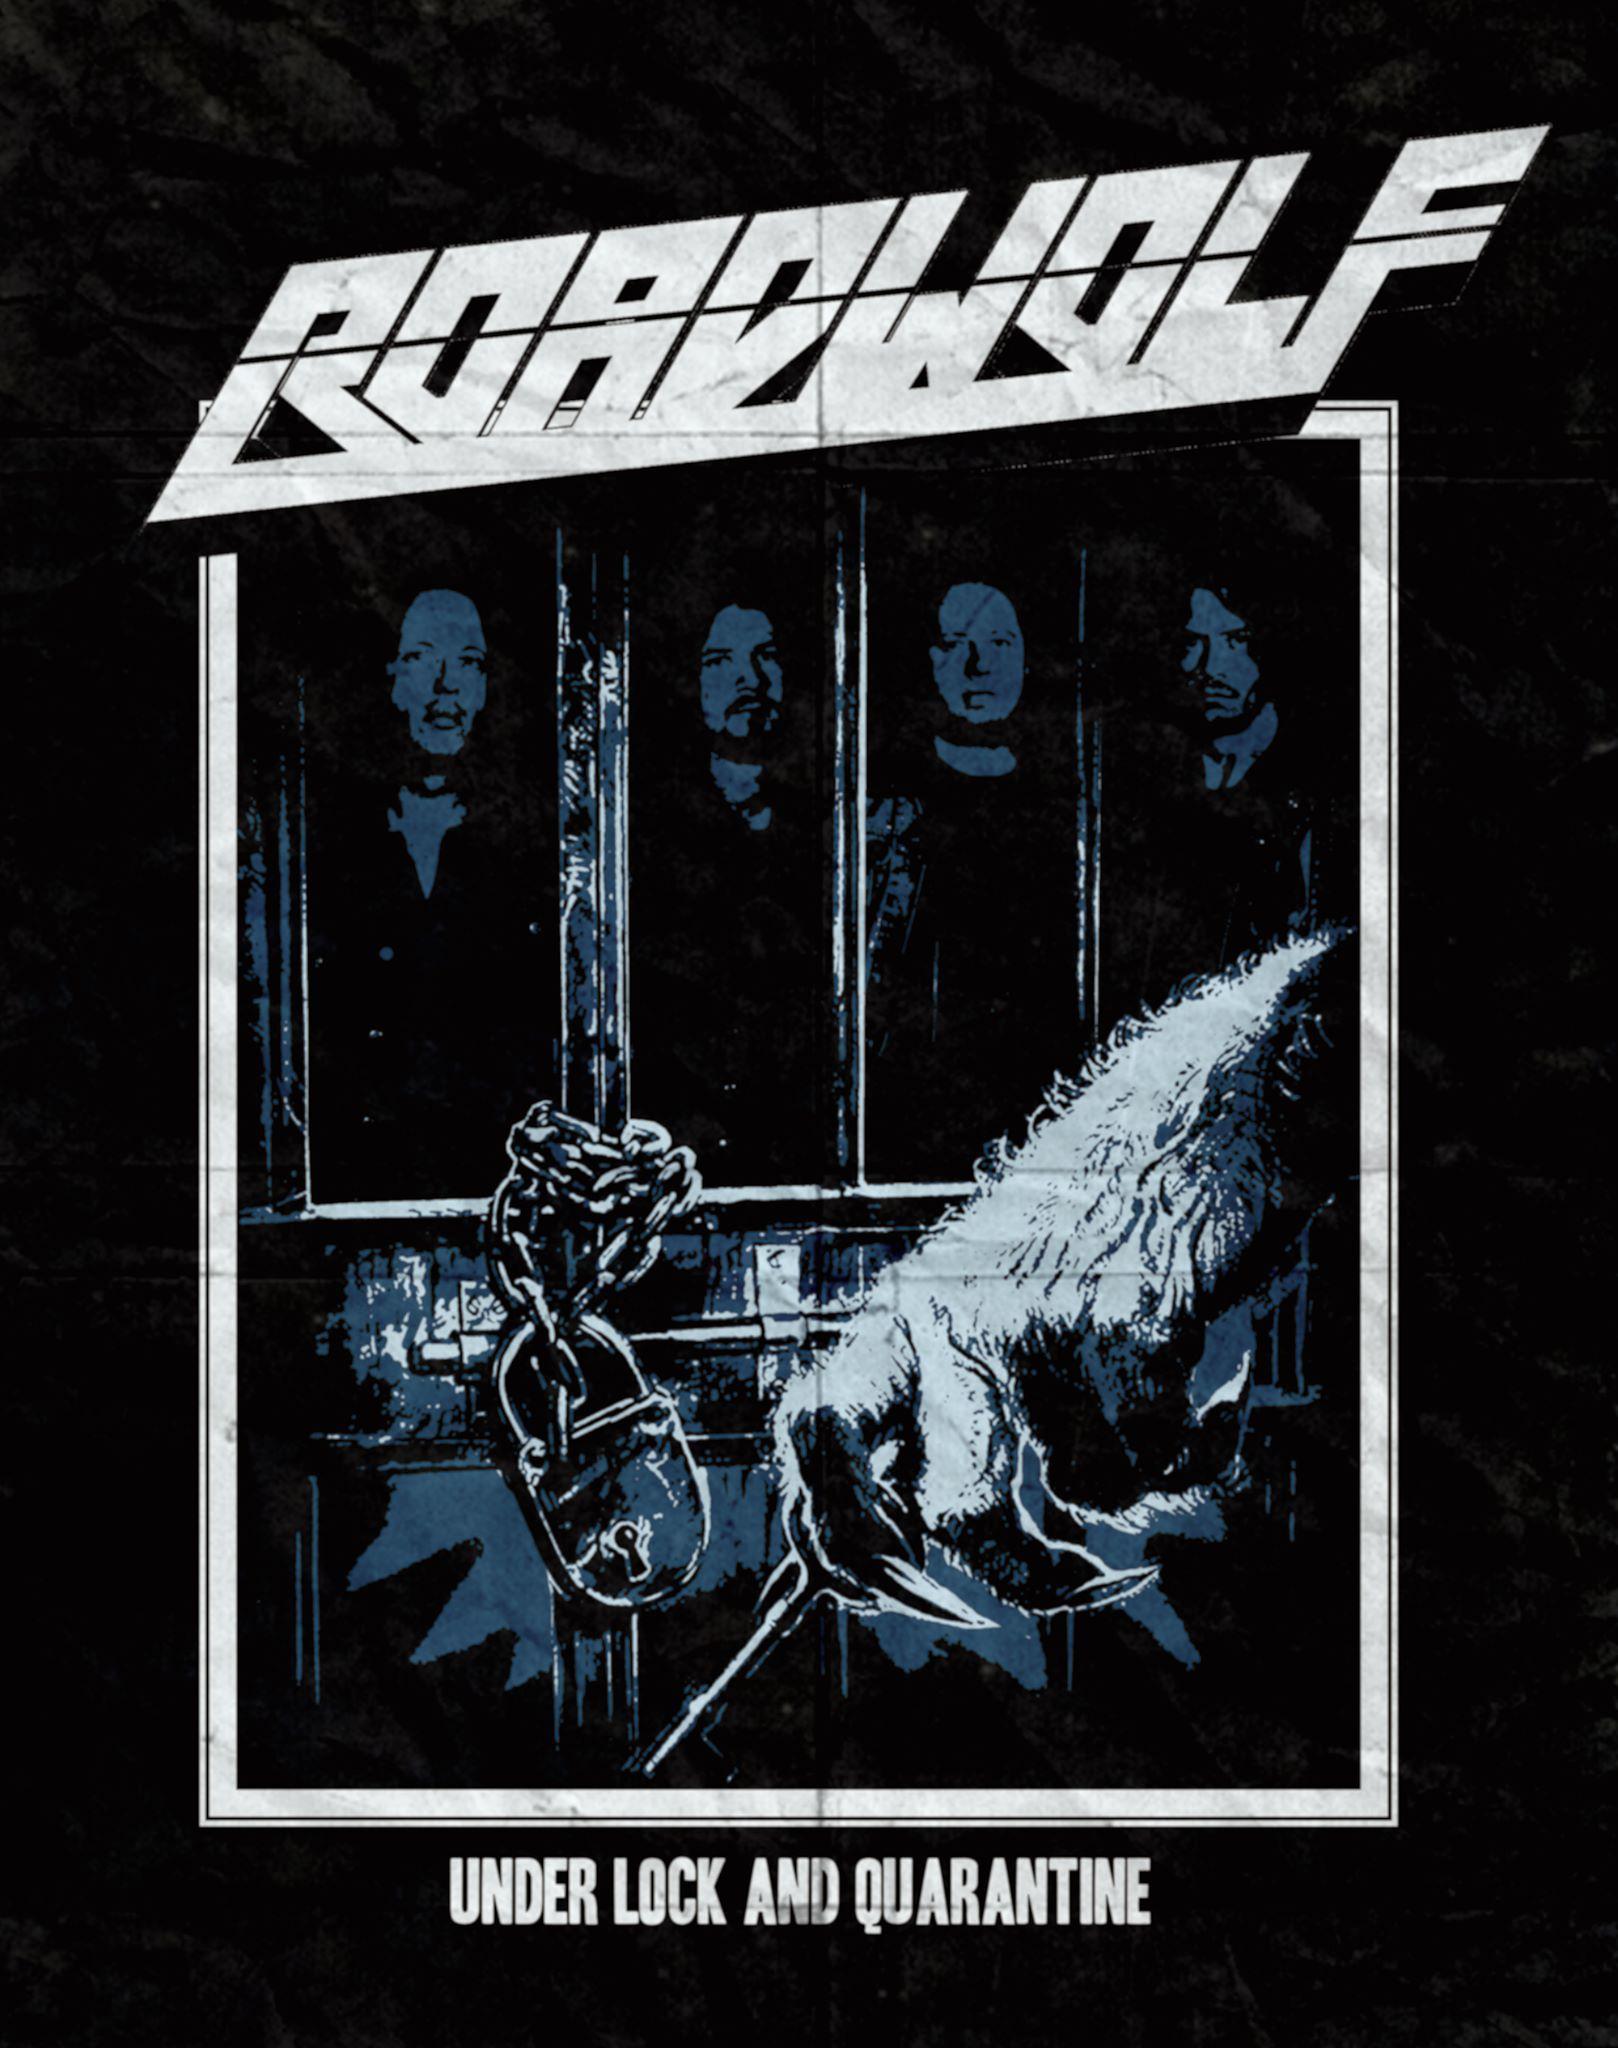 Roadwolf - Under Lock and Quarantine